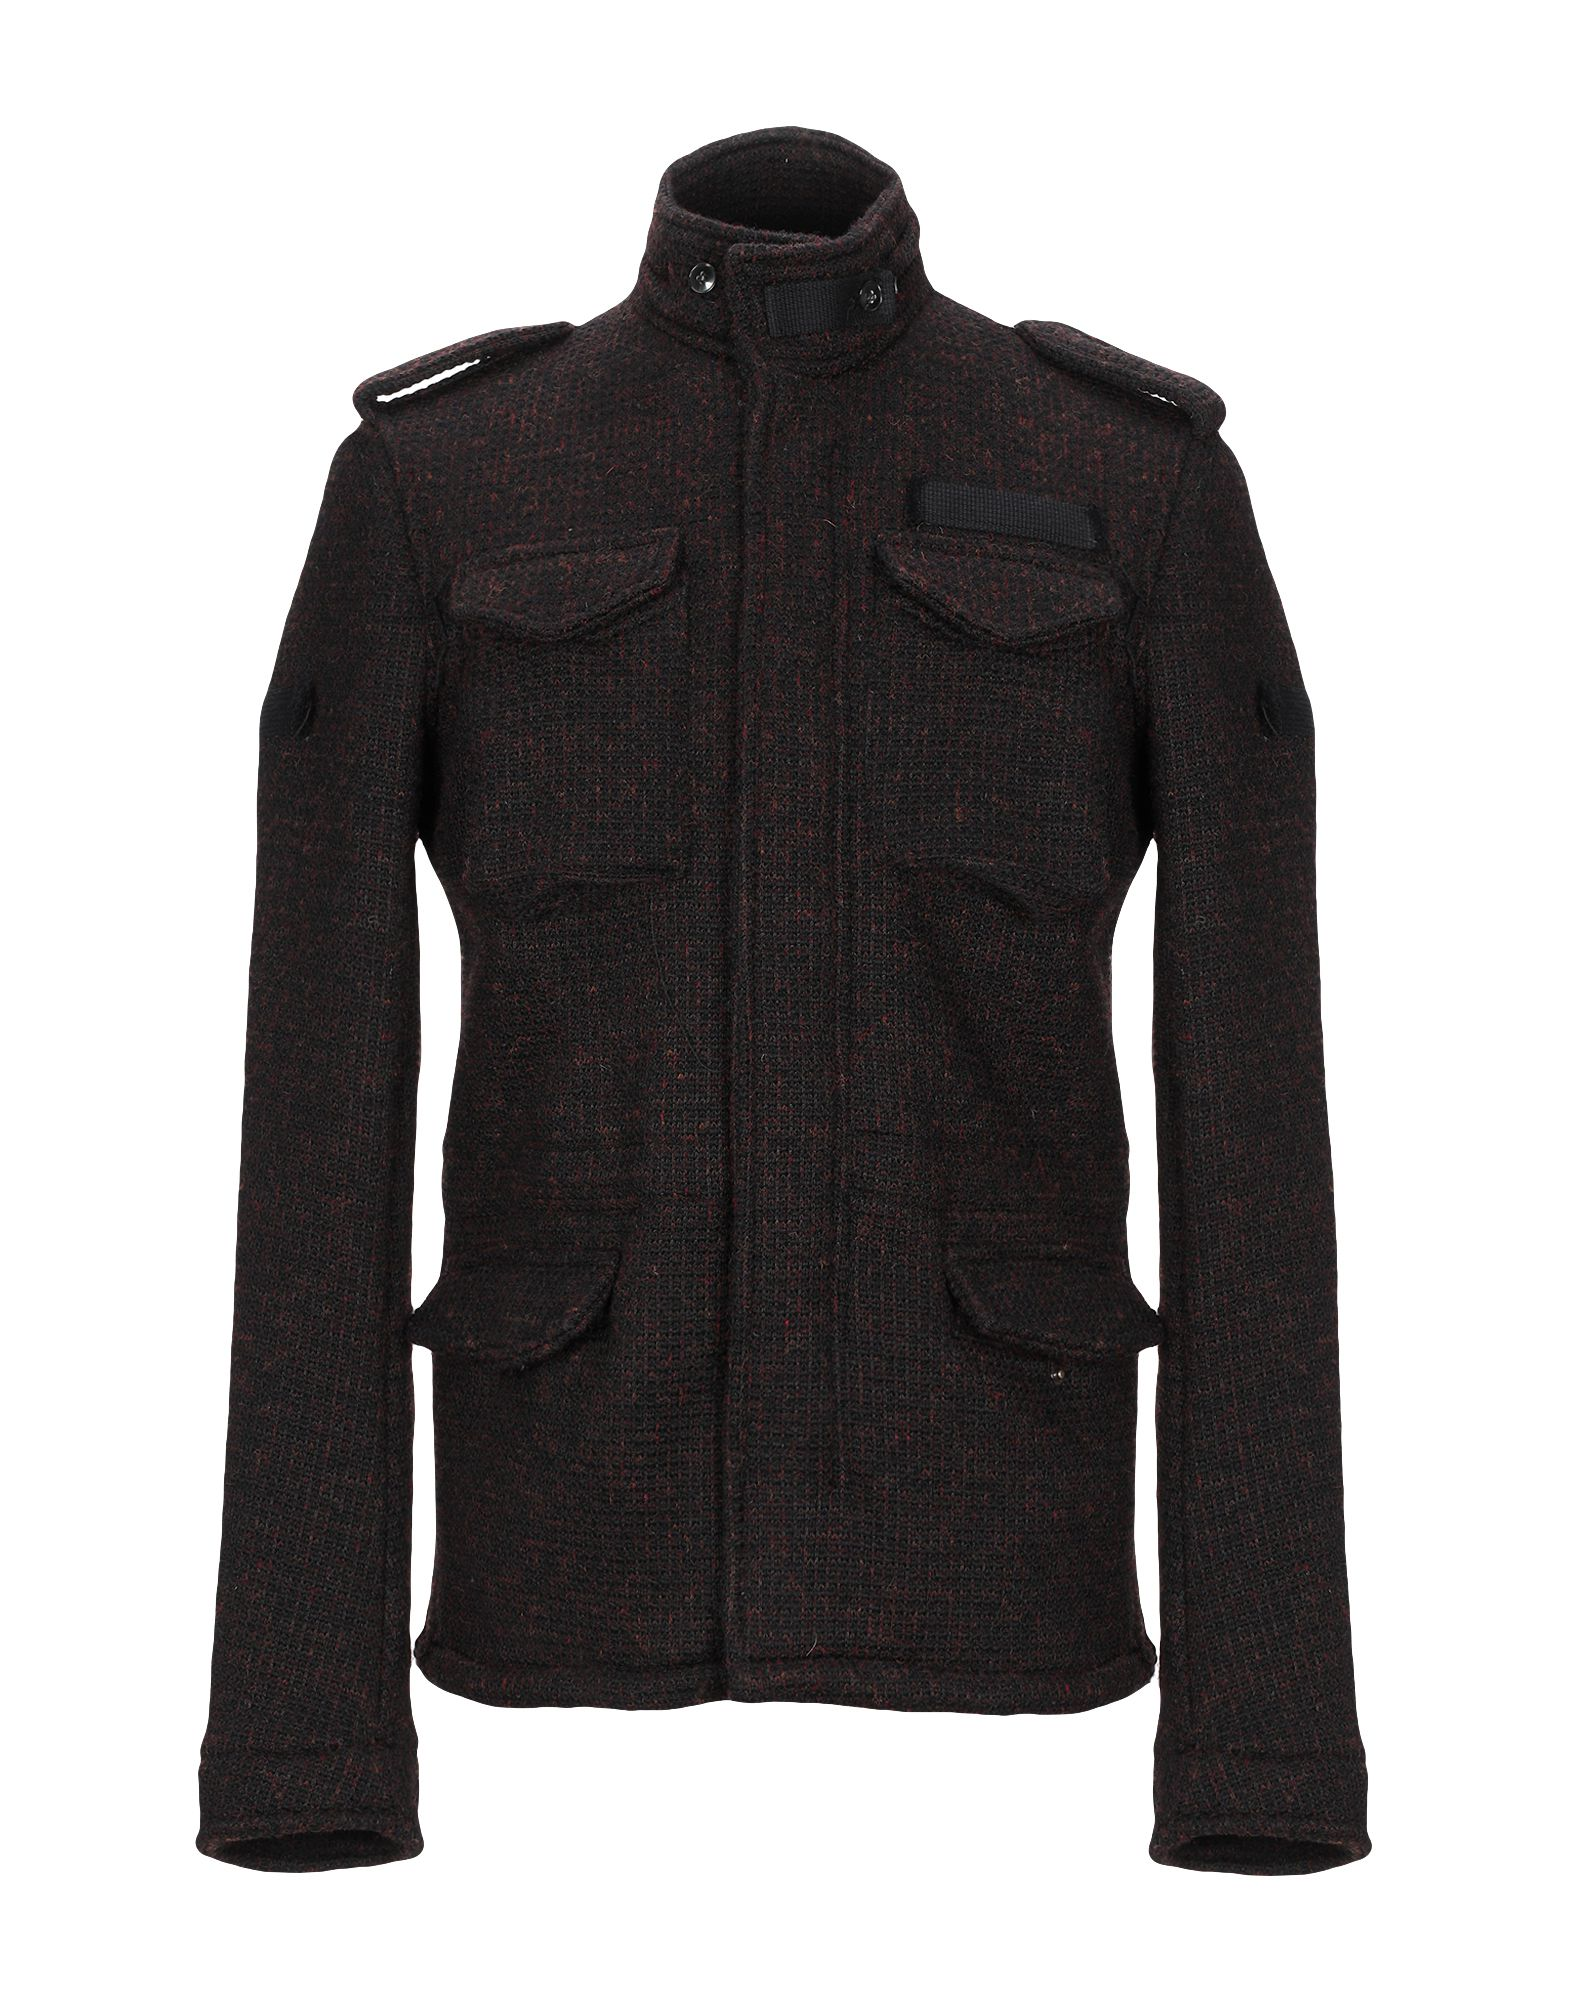 Фото - (#) 65 Куртка 65 куртка